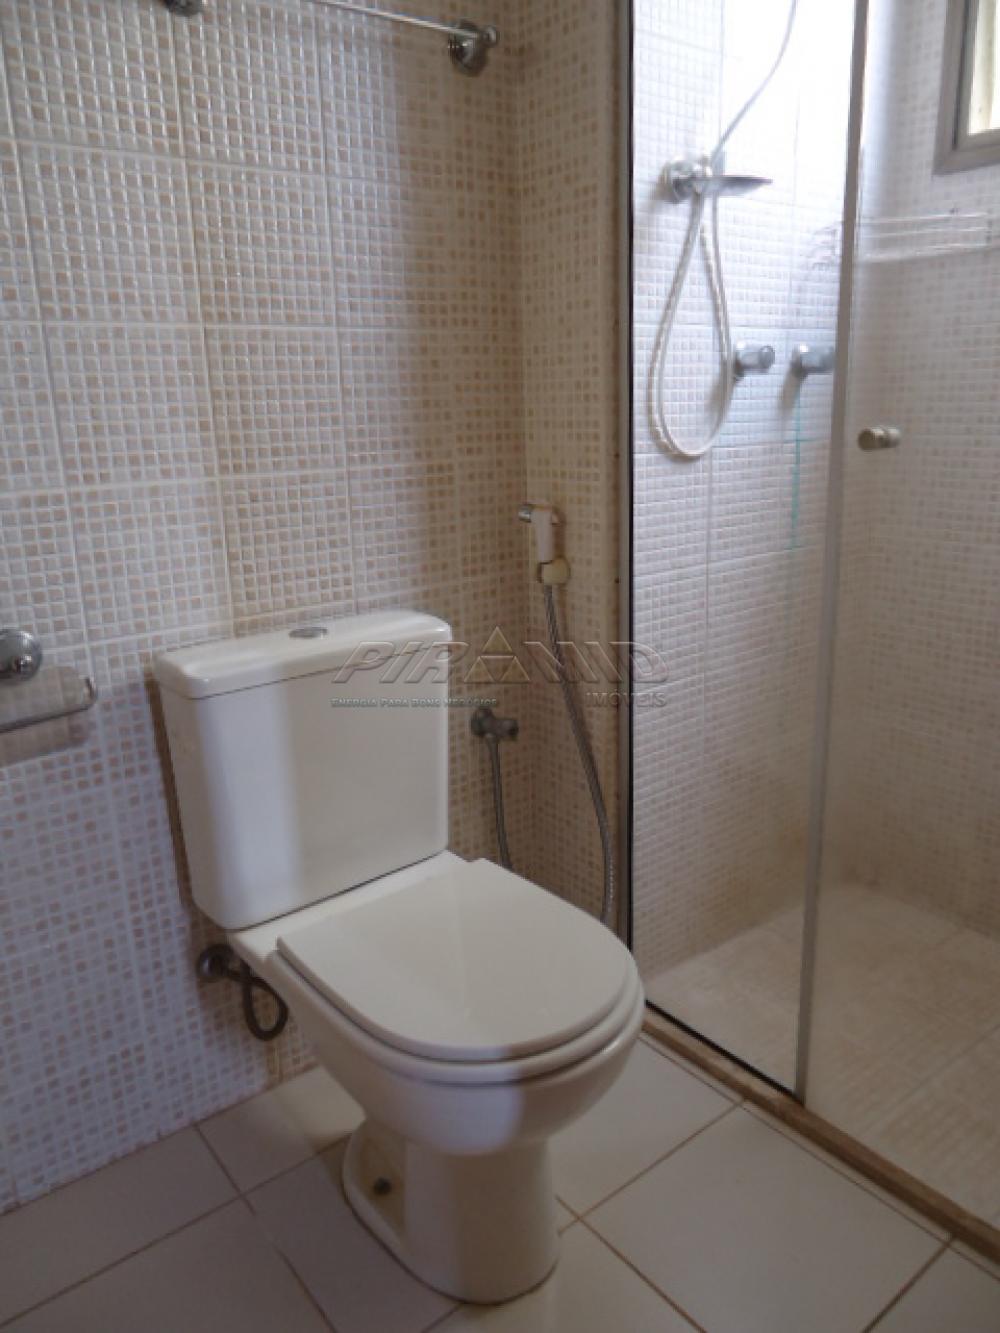 Alugar Apartamento / Padrão em Ribeirão Preto apenas R$ 1.010,00 - Foto 6